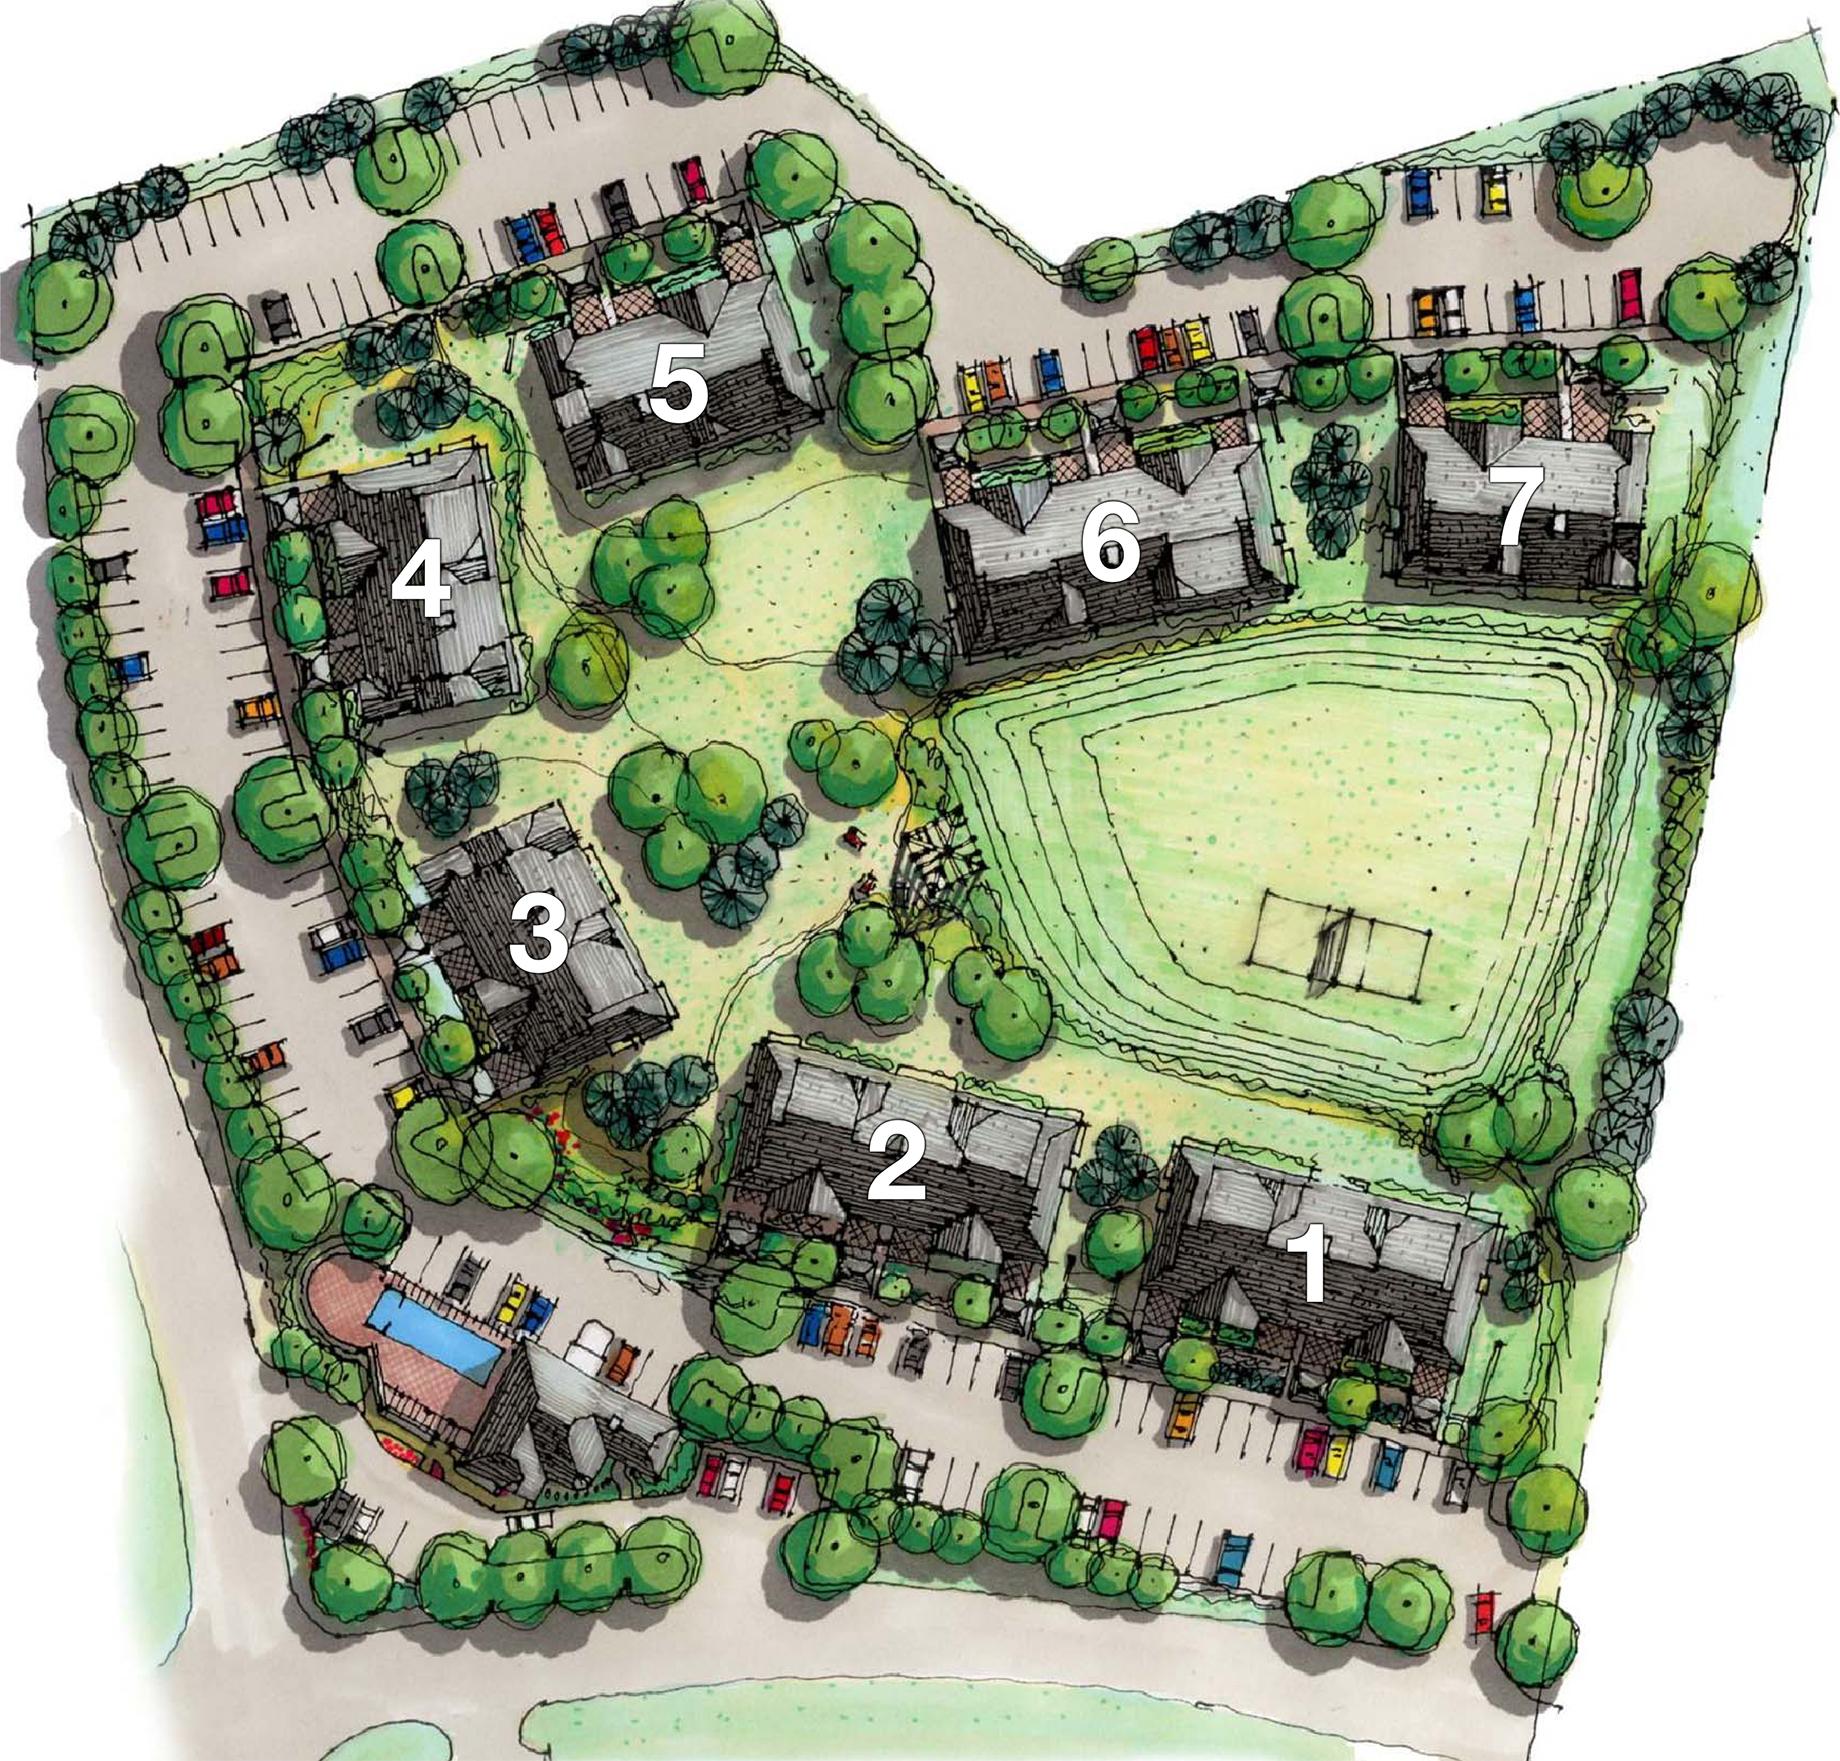 Founders way condos site plan